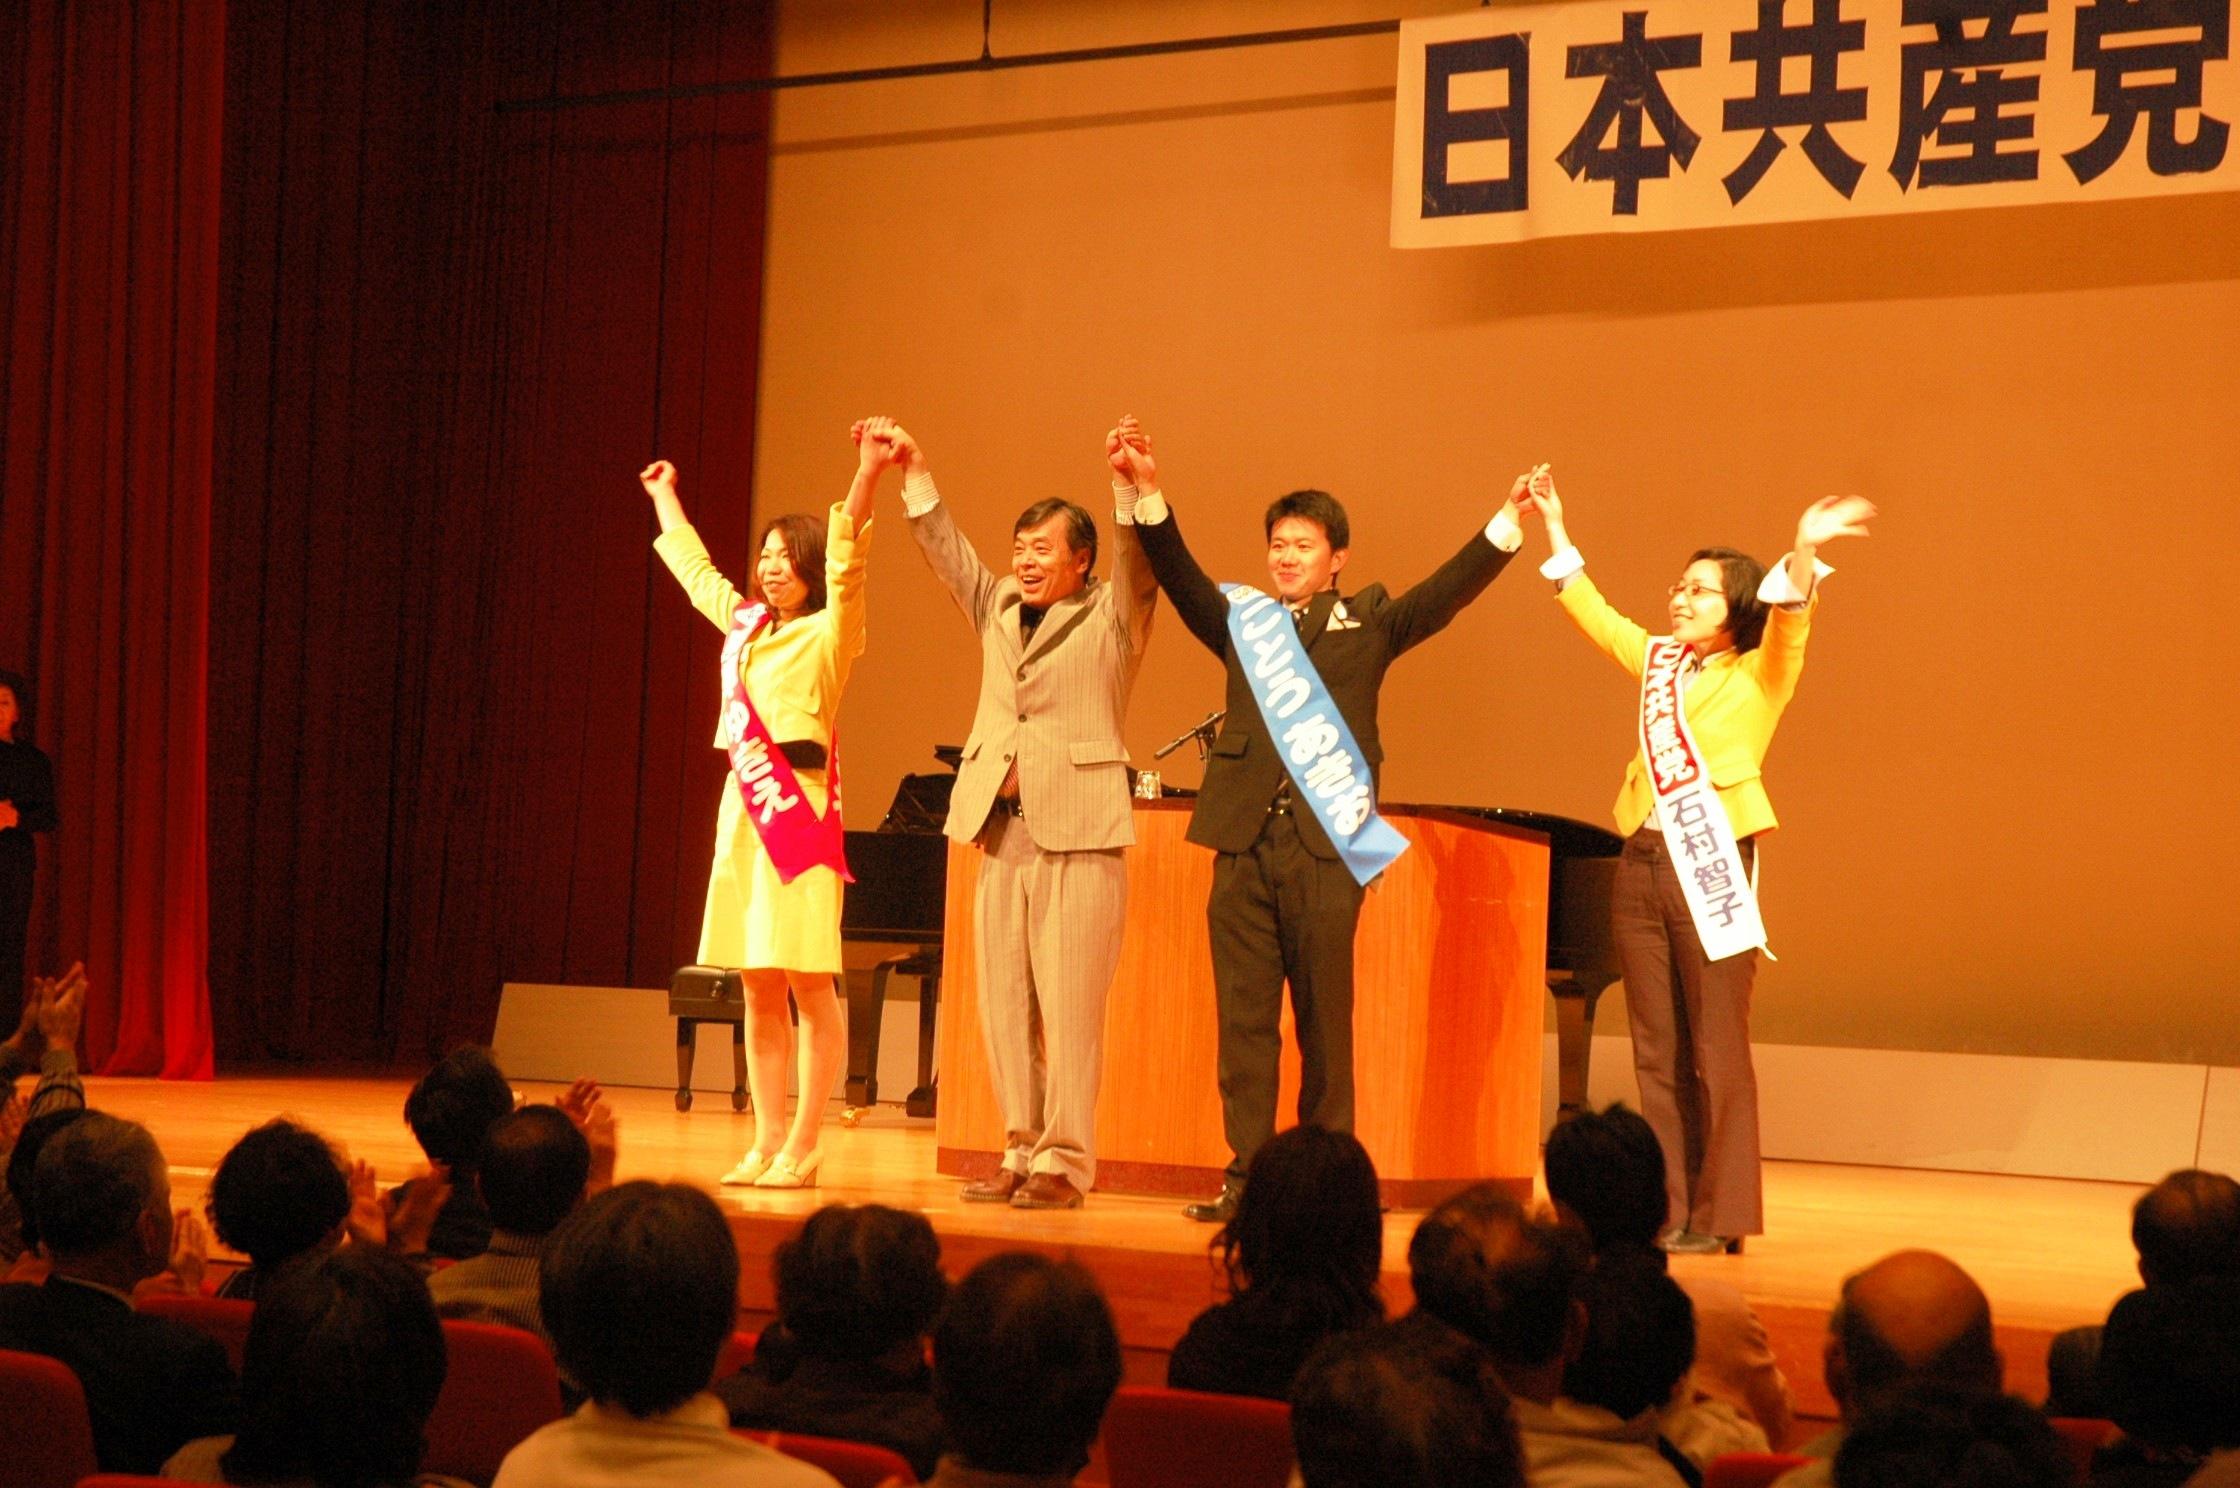 岡山県瀬戸市で演説会